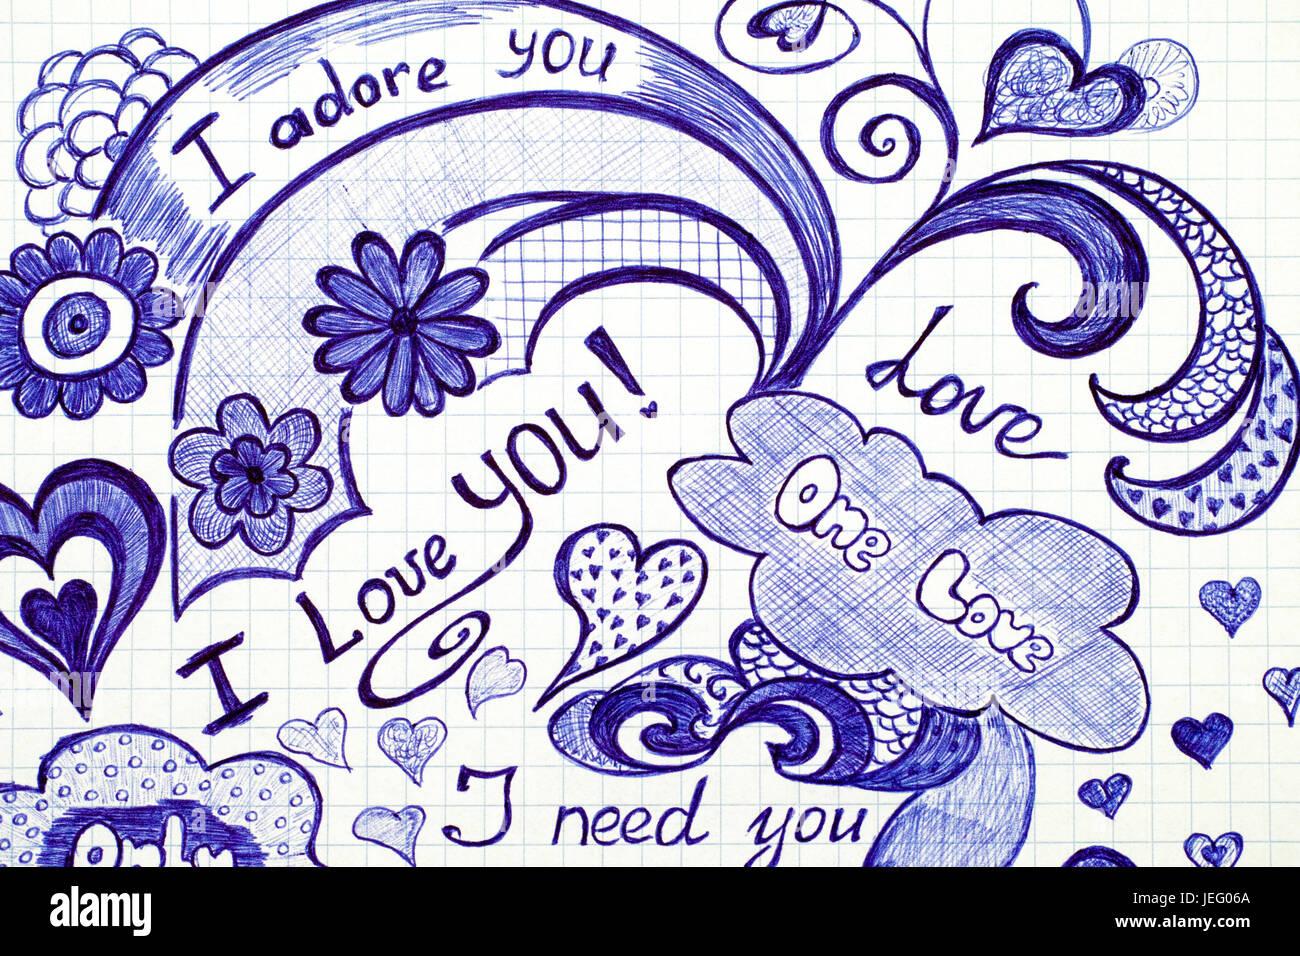 Disegnata a mano amore scarabocchi i messaggi sulla carta a scacchi. Foto Stock